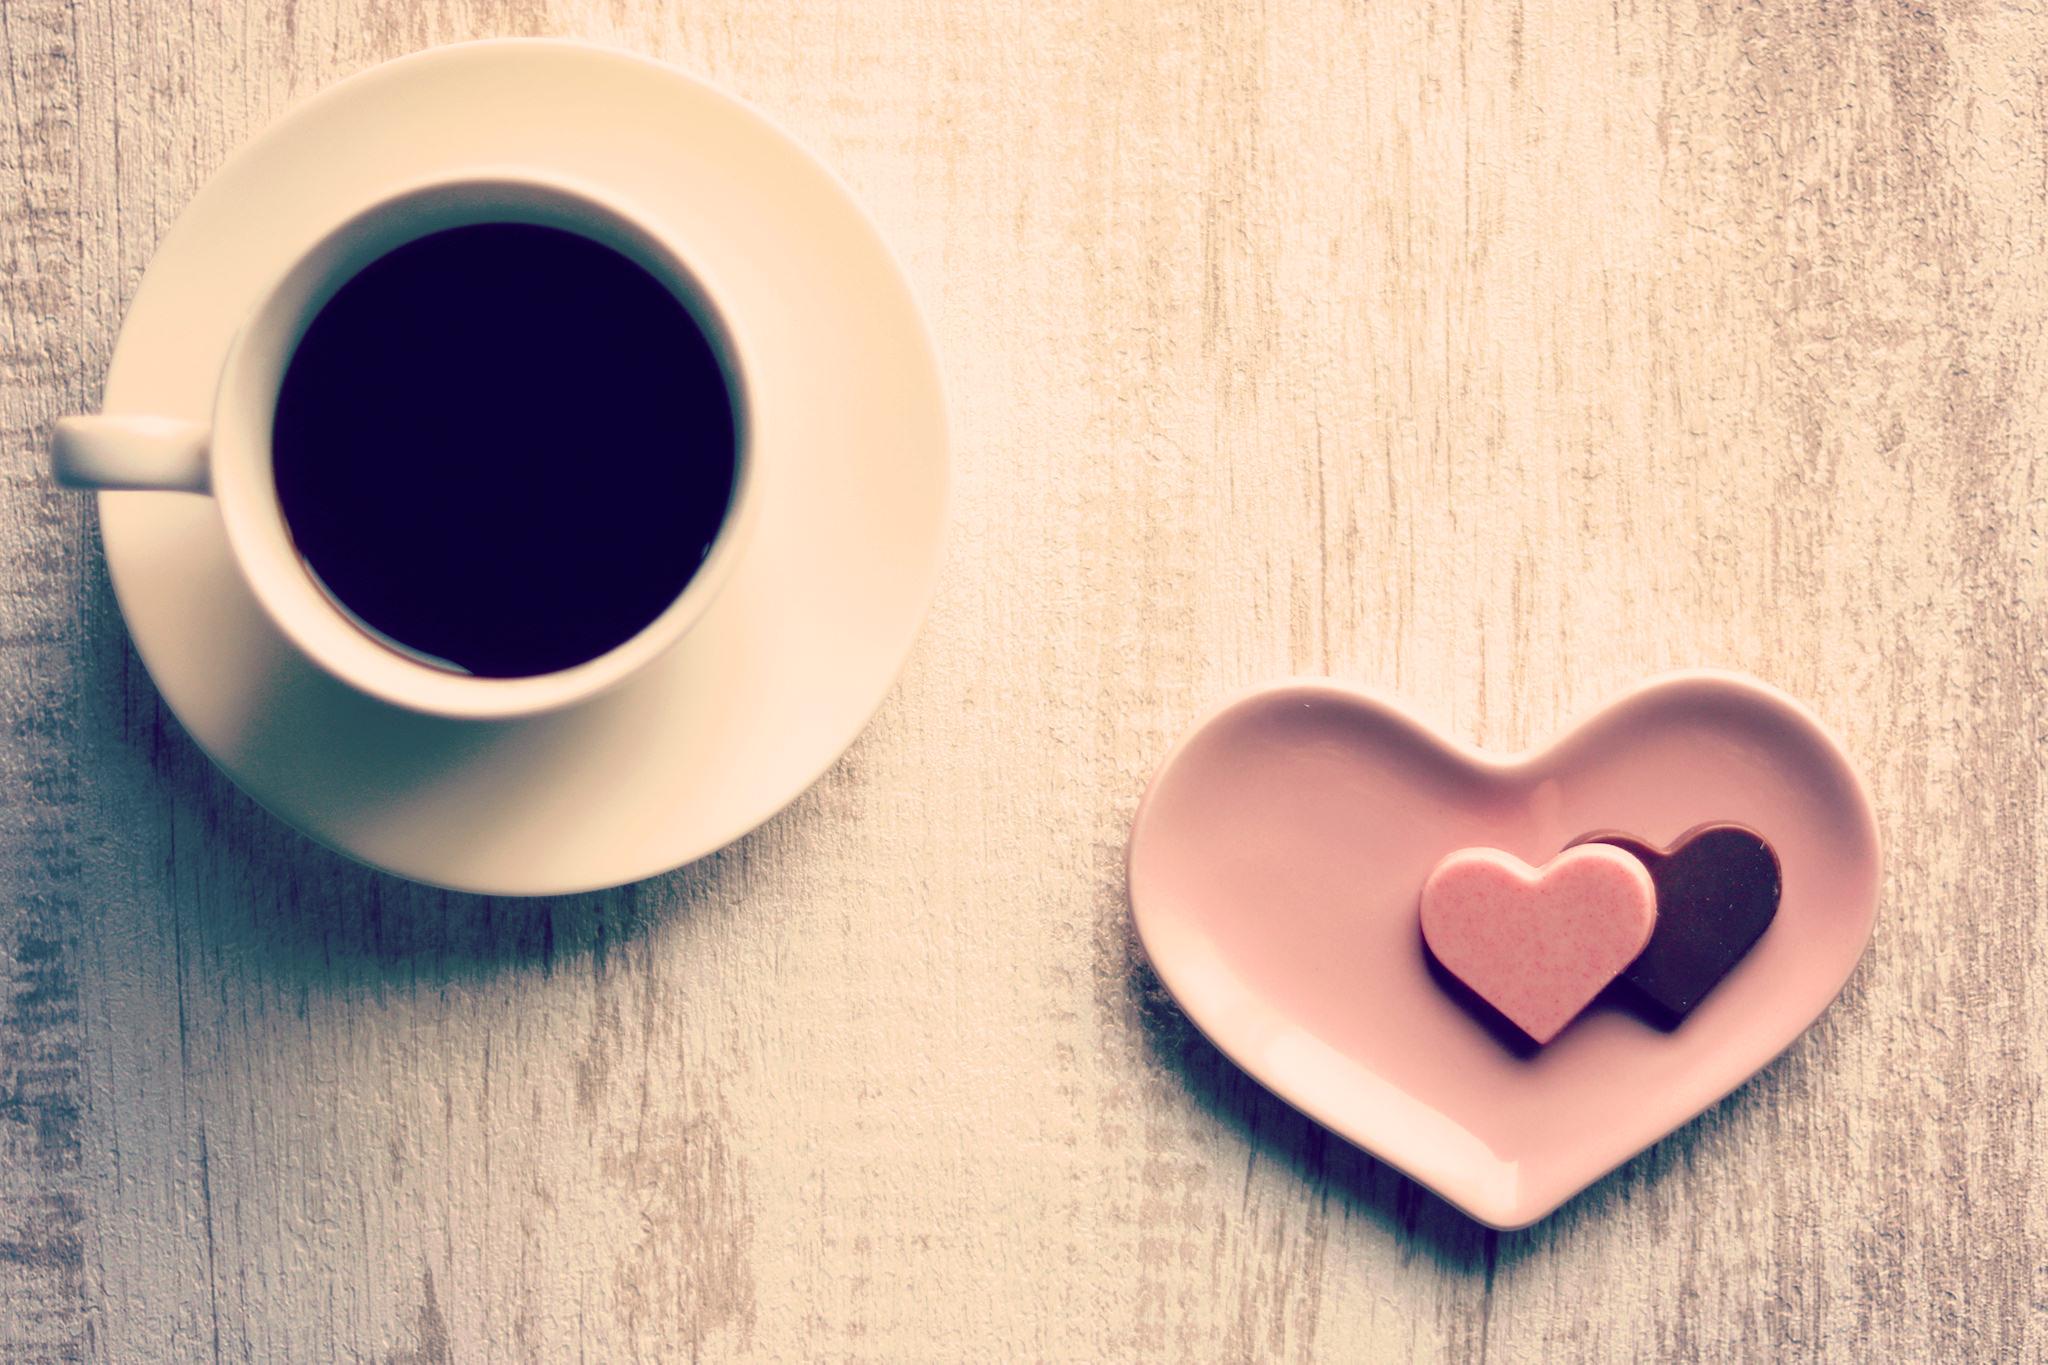 職場でバレンタインは配る?贈る時に気をつけるポイントとおすすめのスイーツ